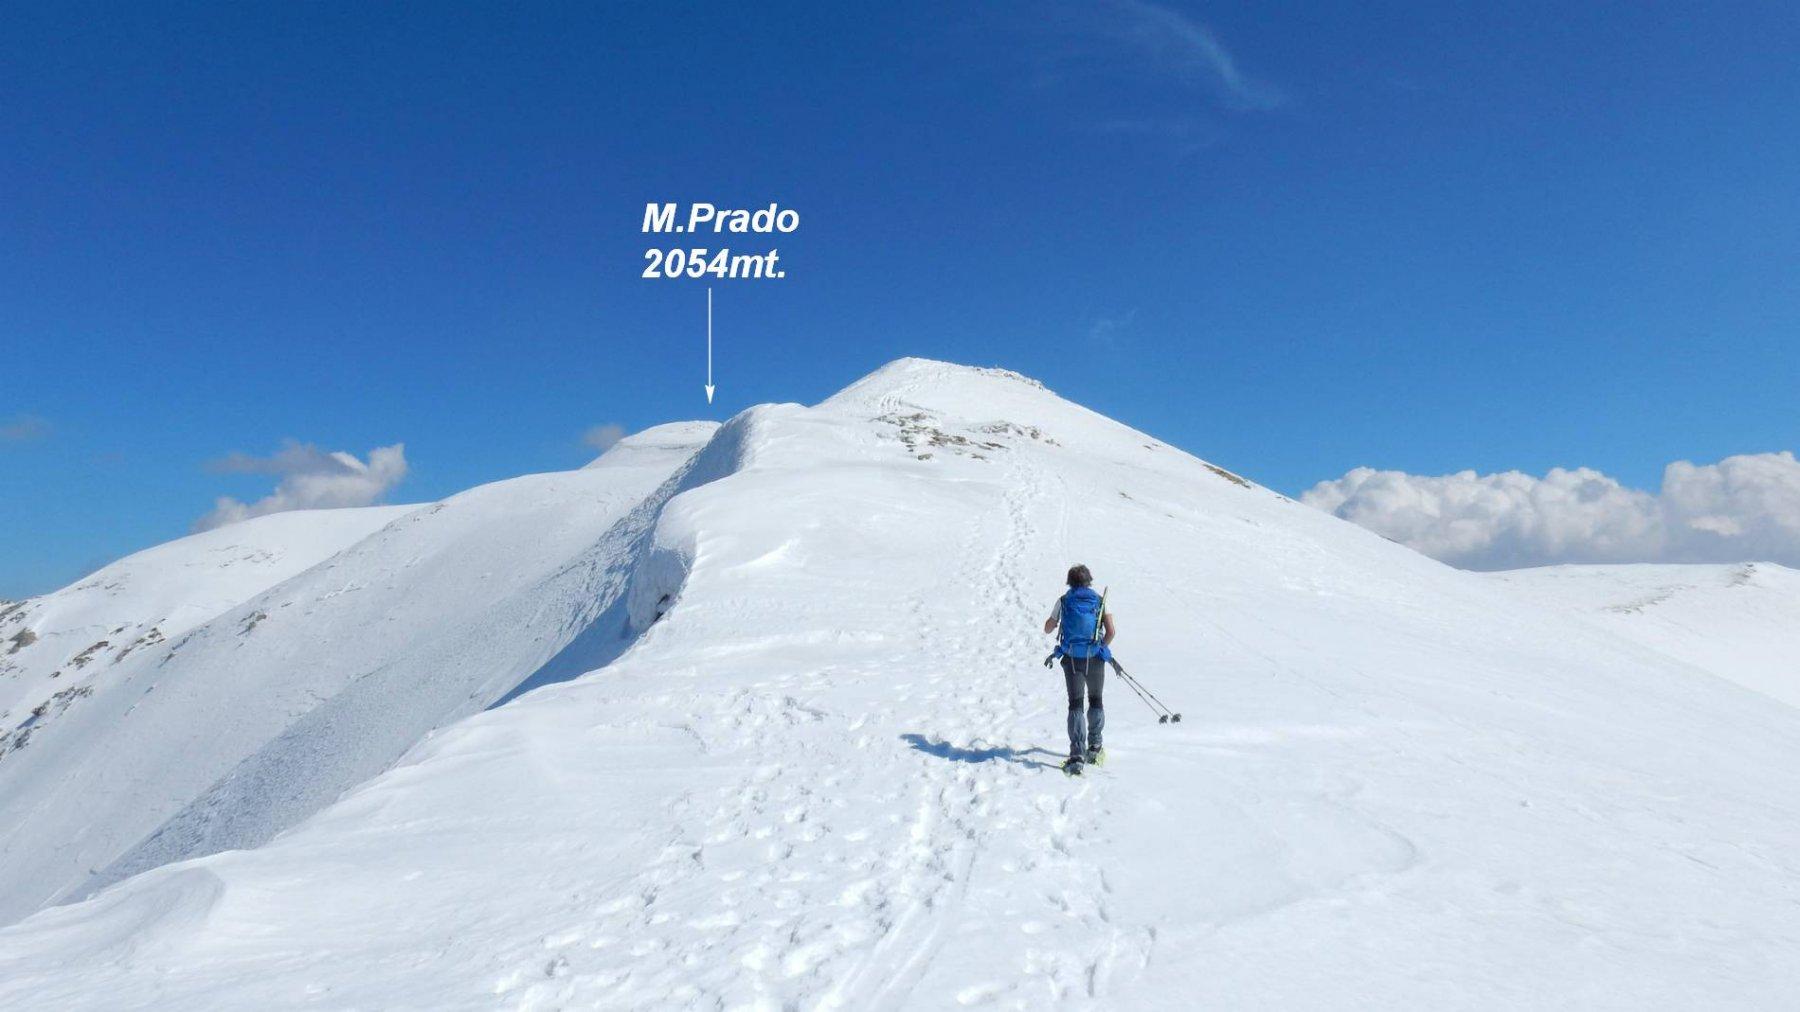 Giunti sulla dorsale di cresta procediamo verso la vetta.